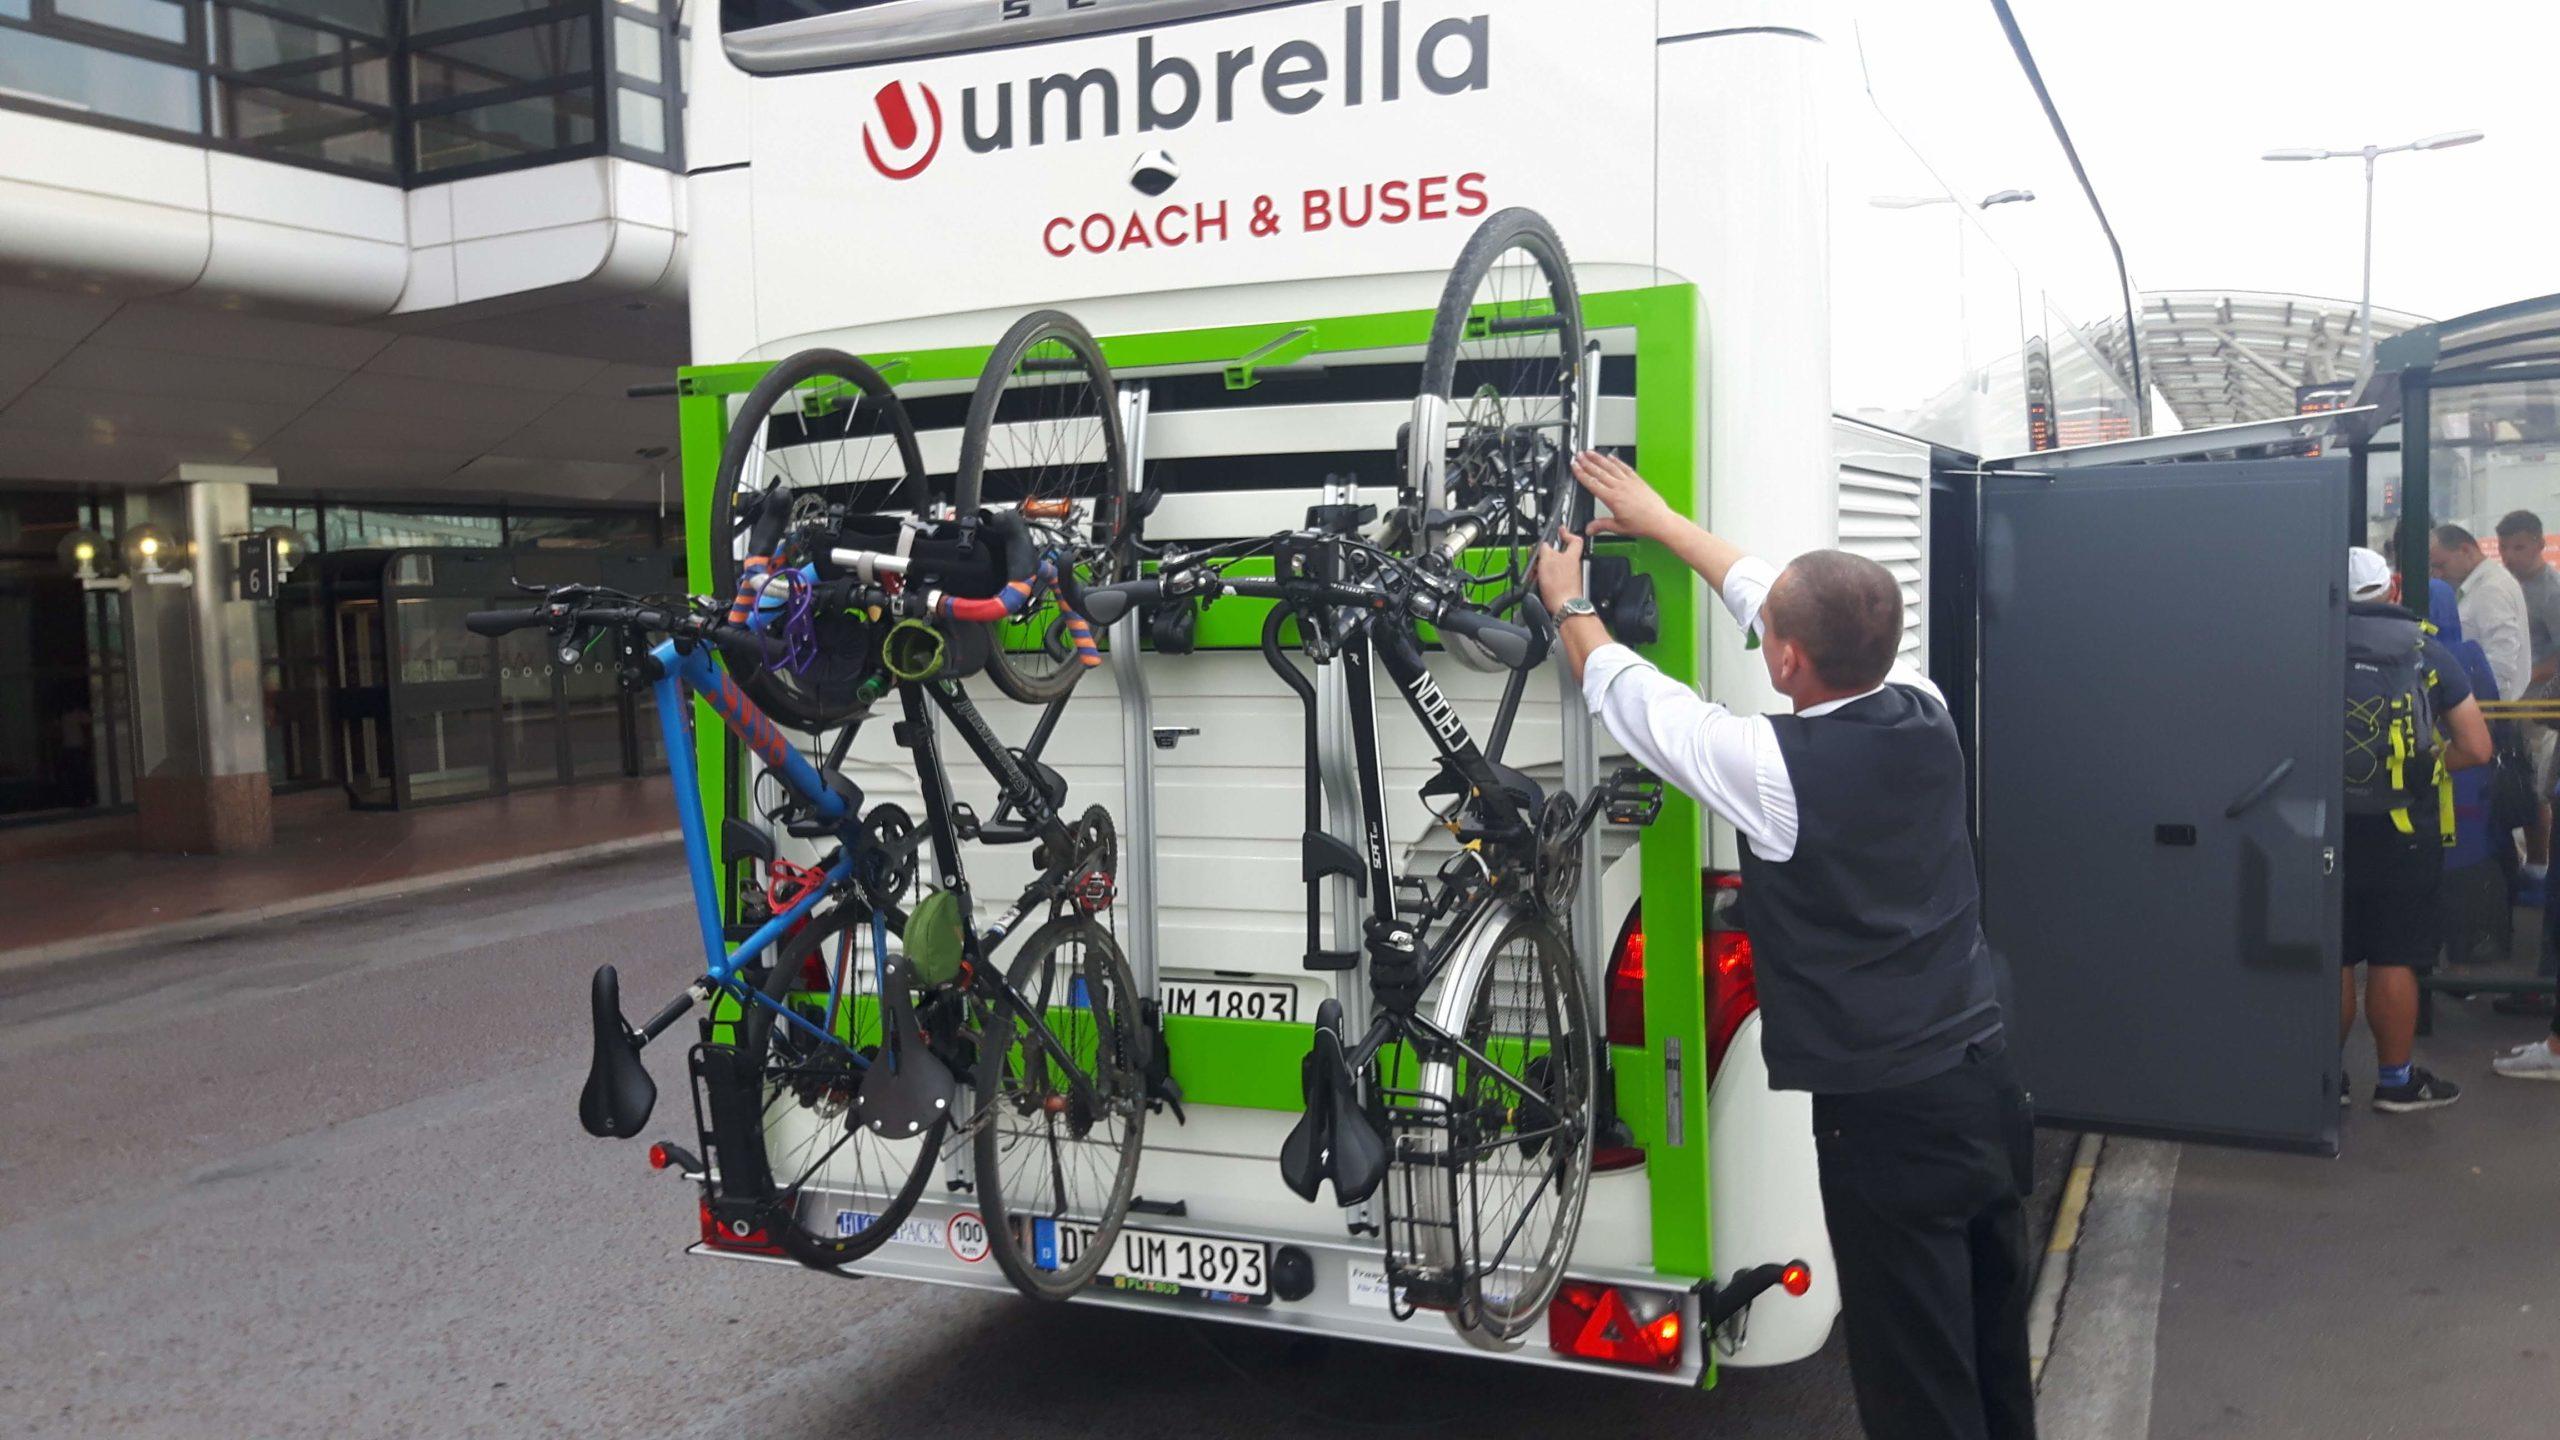 My Bike loaded on Bus Stockholm Sweden